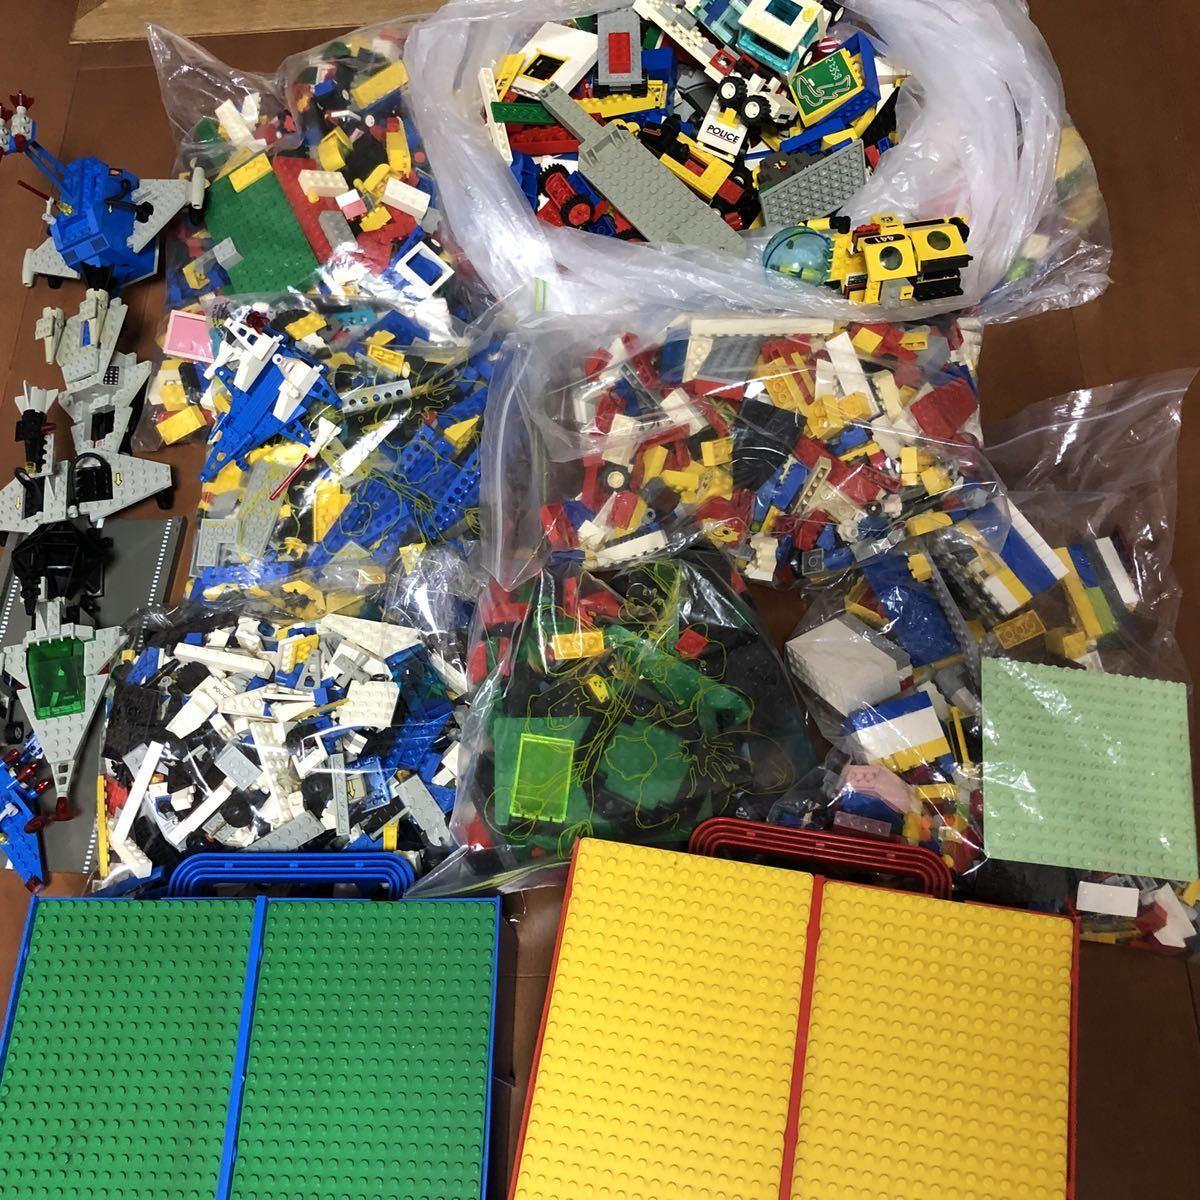 レゴ(Lego)システム スペース他 大量 パーツ 約10kg 色々まとめて出品中kg 宇宙シリーズ